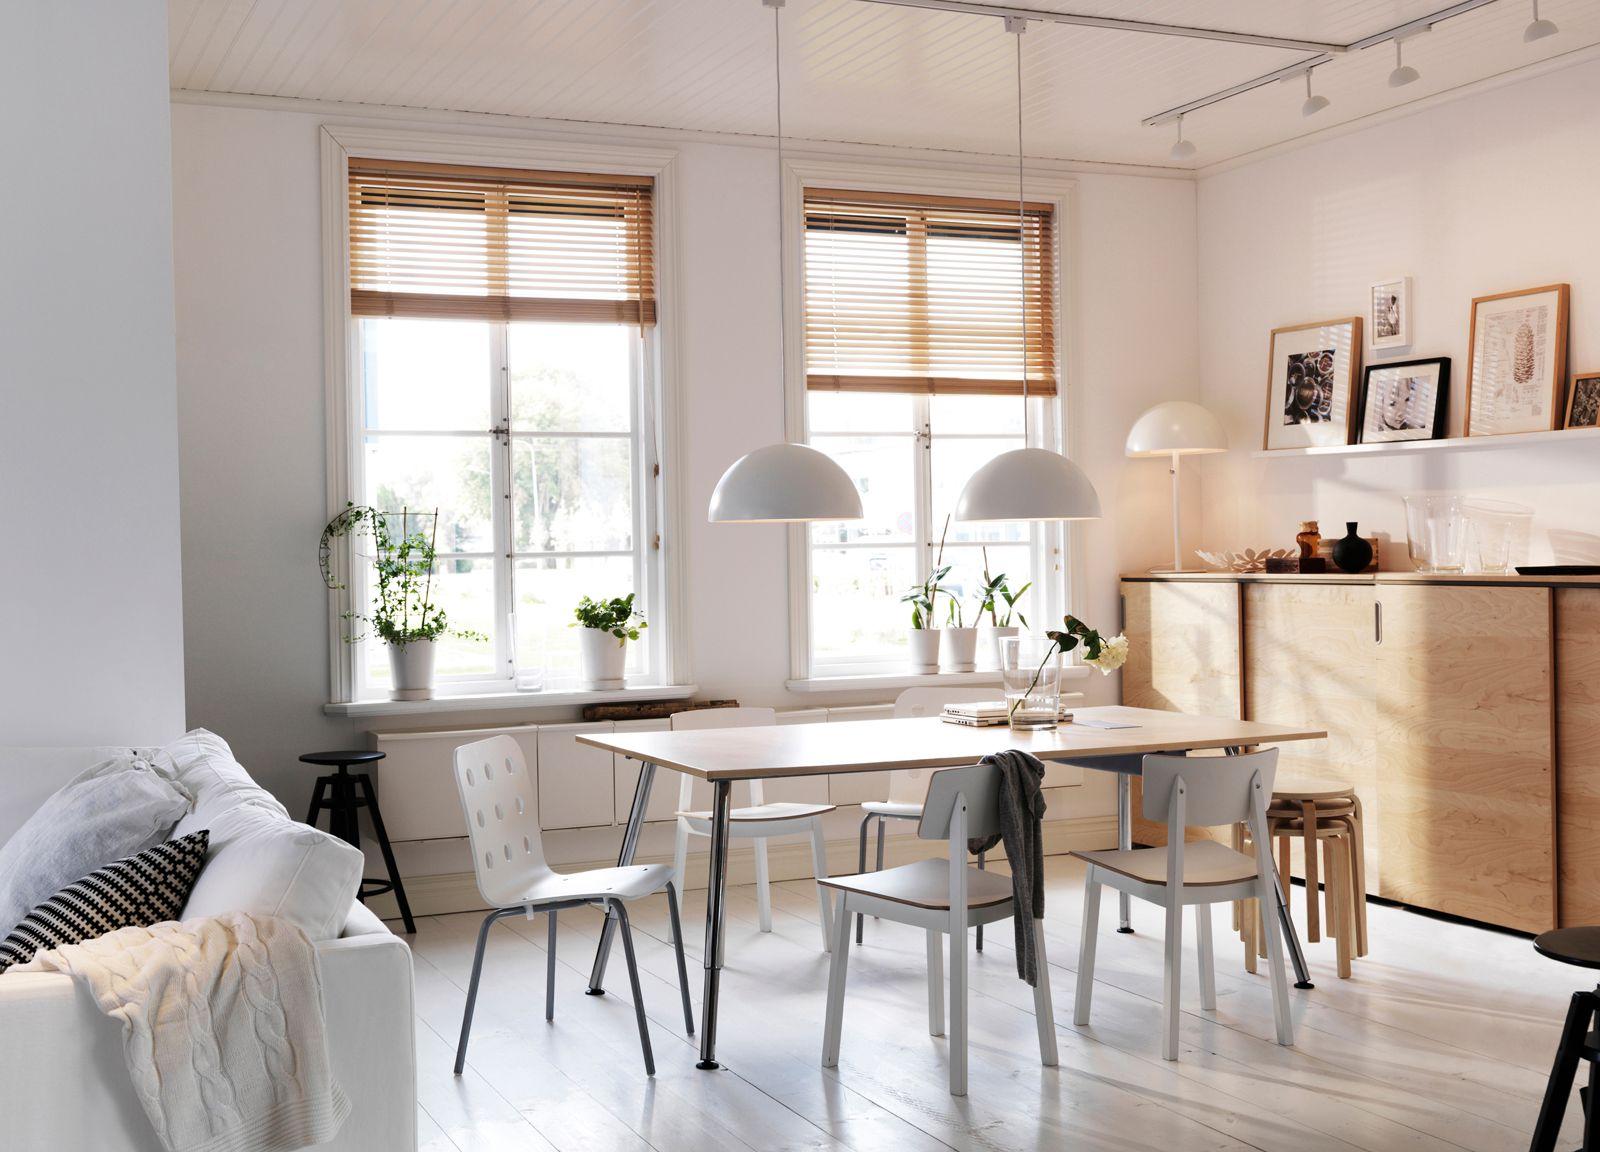 Offerte Cucine Ikea 2014: Cucine ikea prezzi bassi. Pin Cucine ...